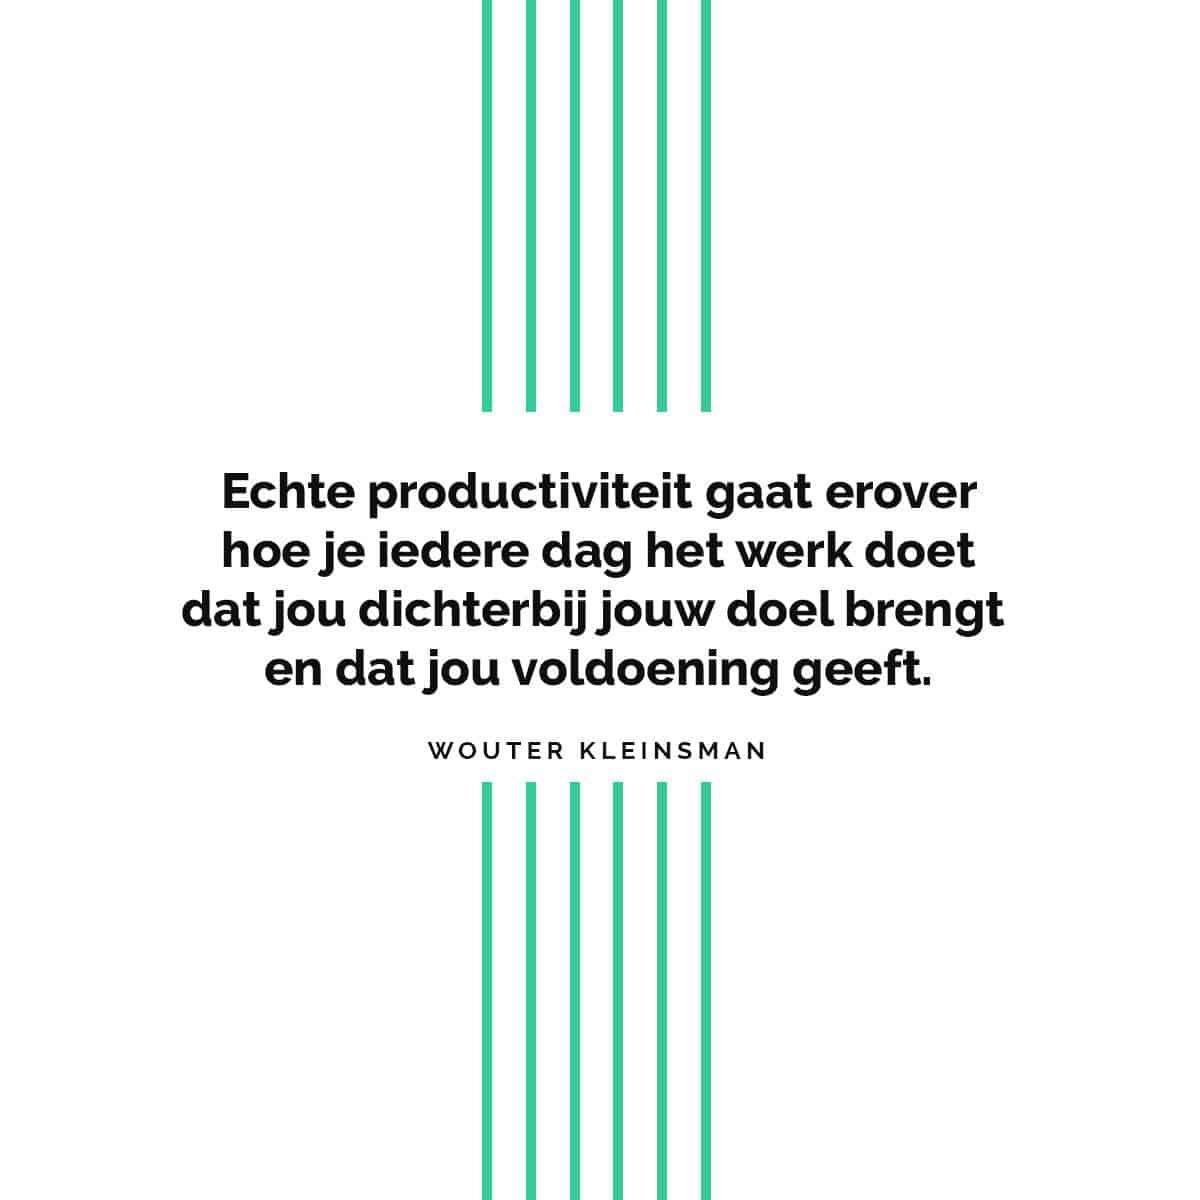 echte-productiviteit-gaat-over